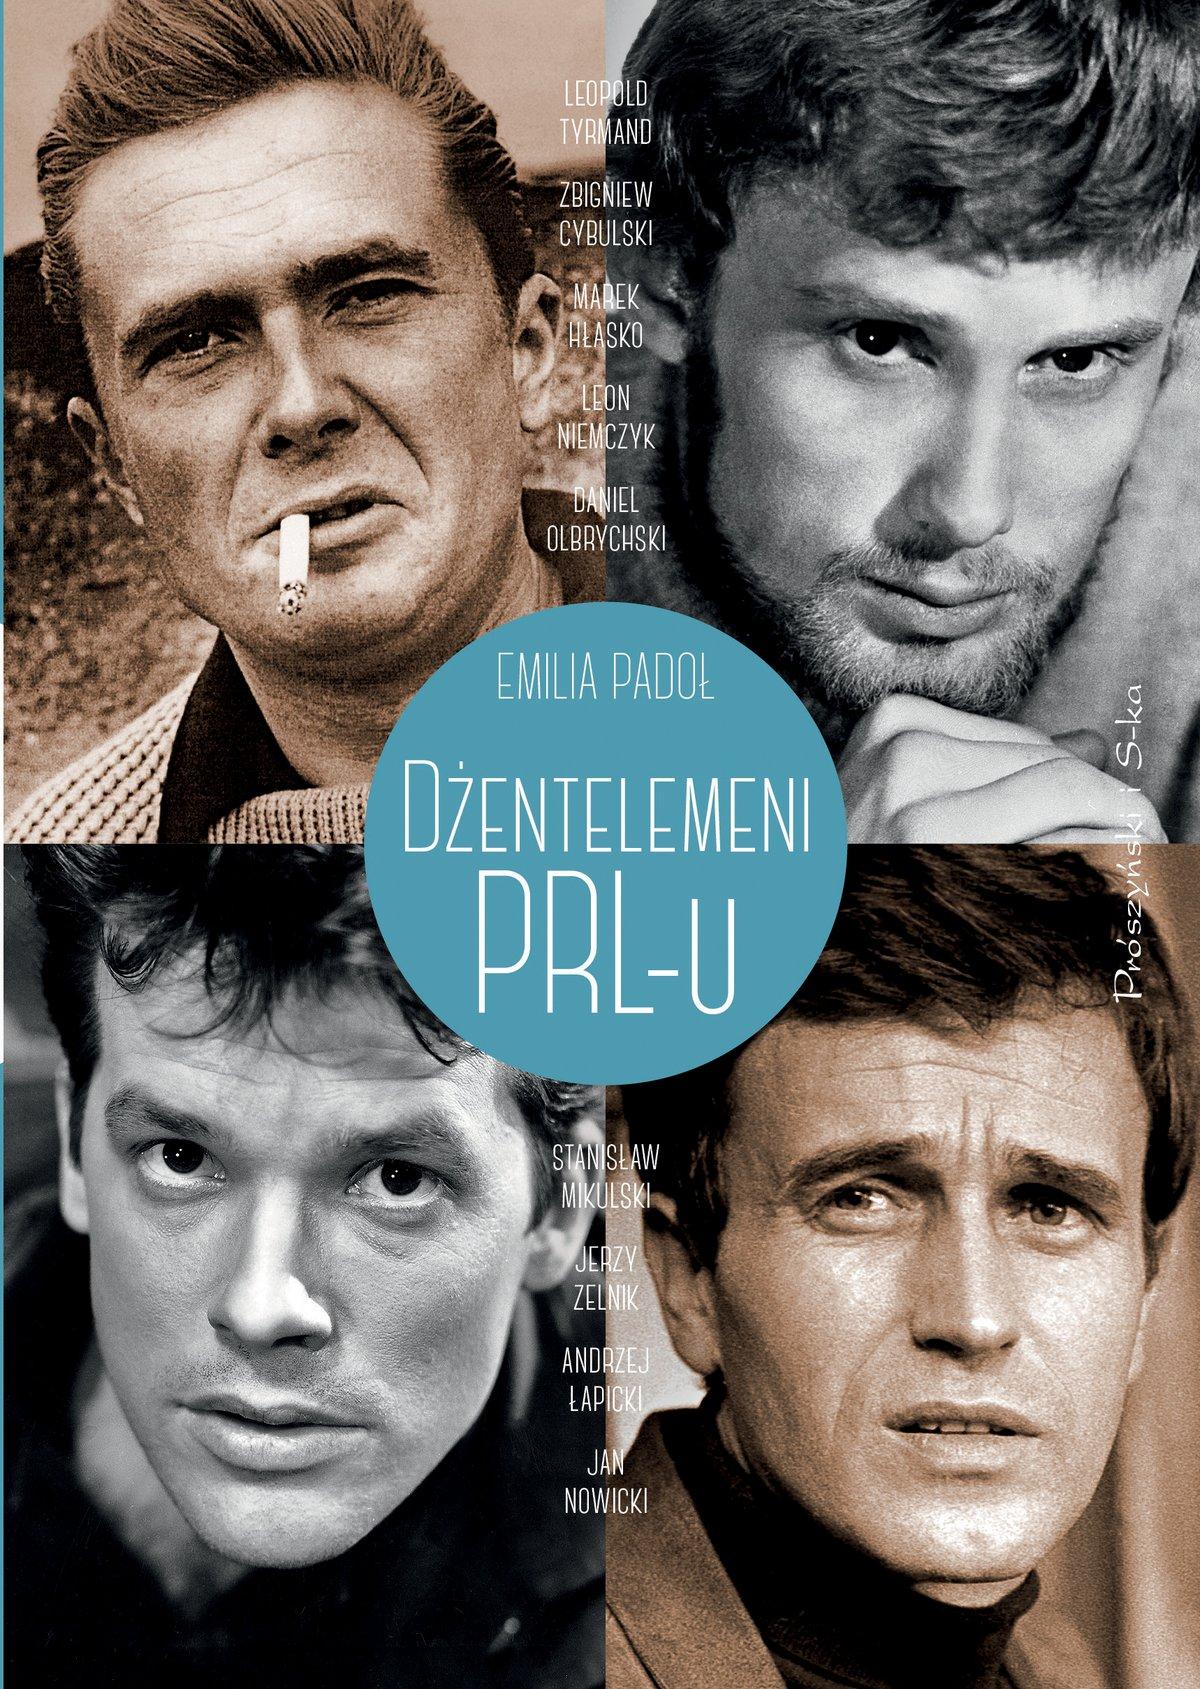 Dżentelmeni PRL-u - Ebook (Książka na Kindle) do pobrania w formacie MOBI